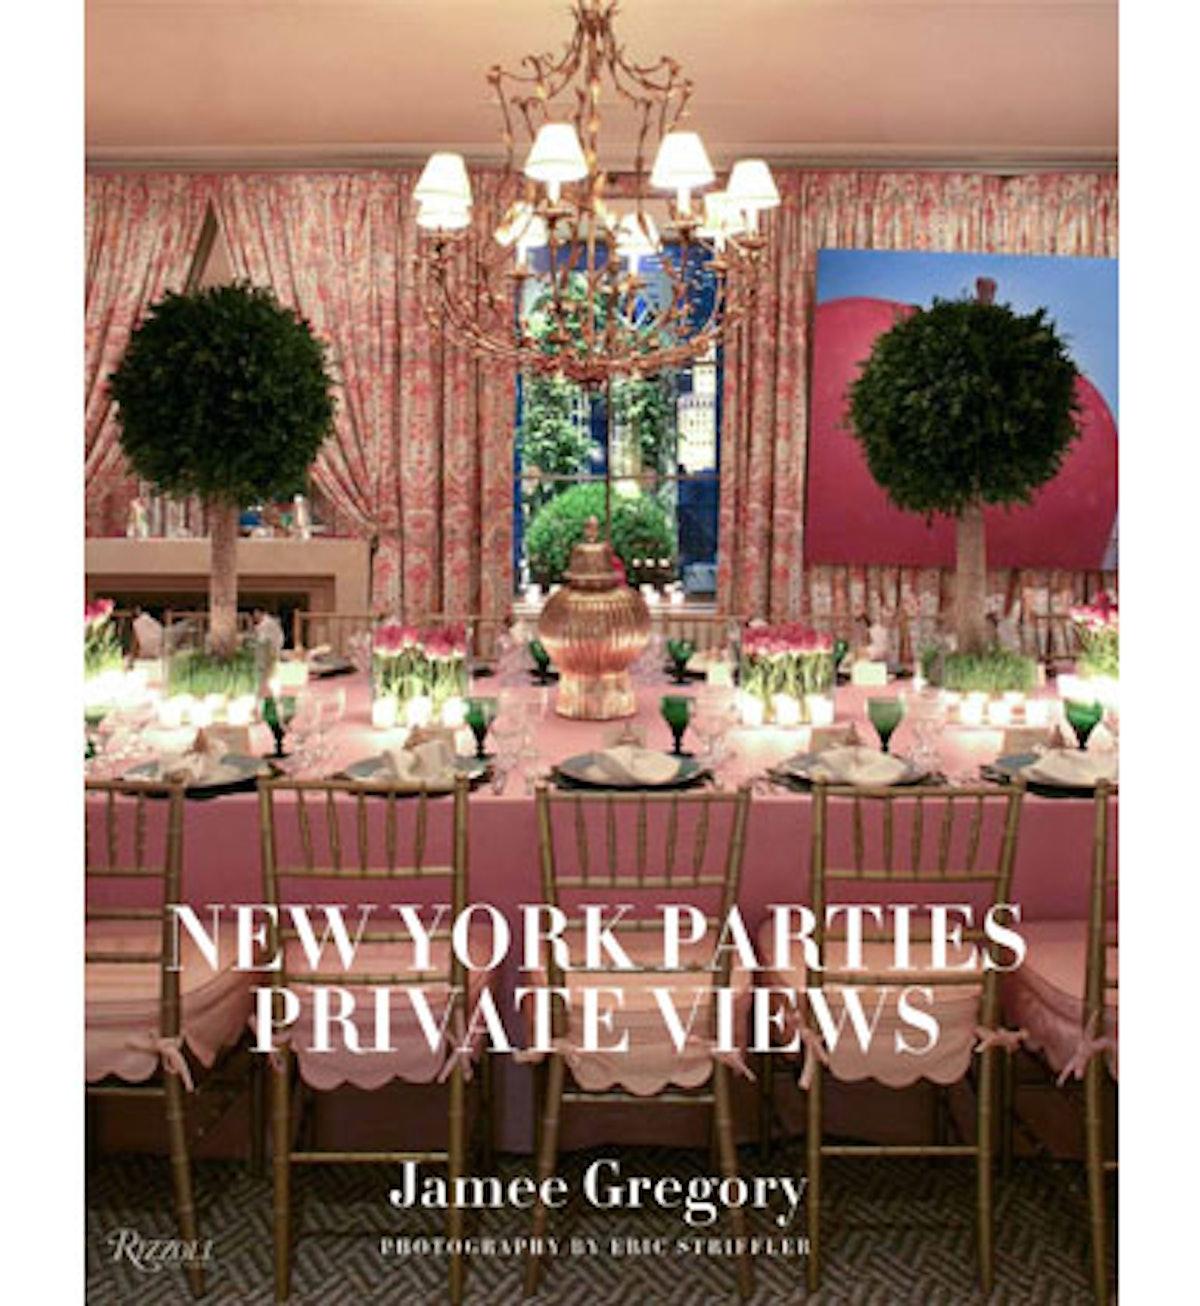 blog_jamee_gregory_private_views.jpg